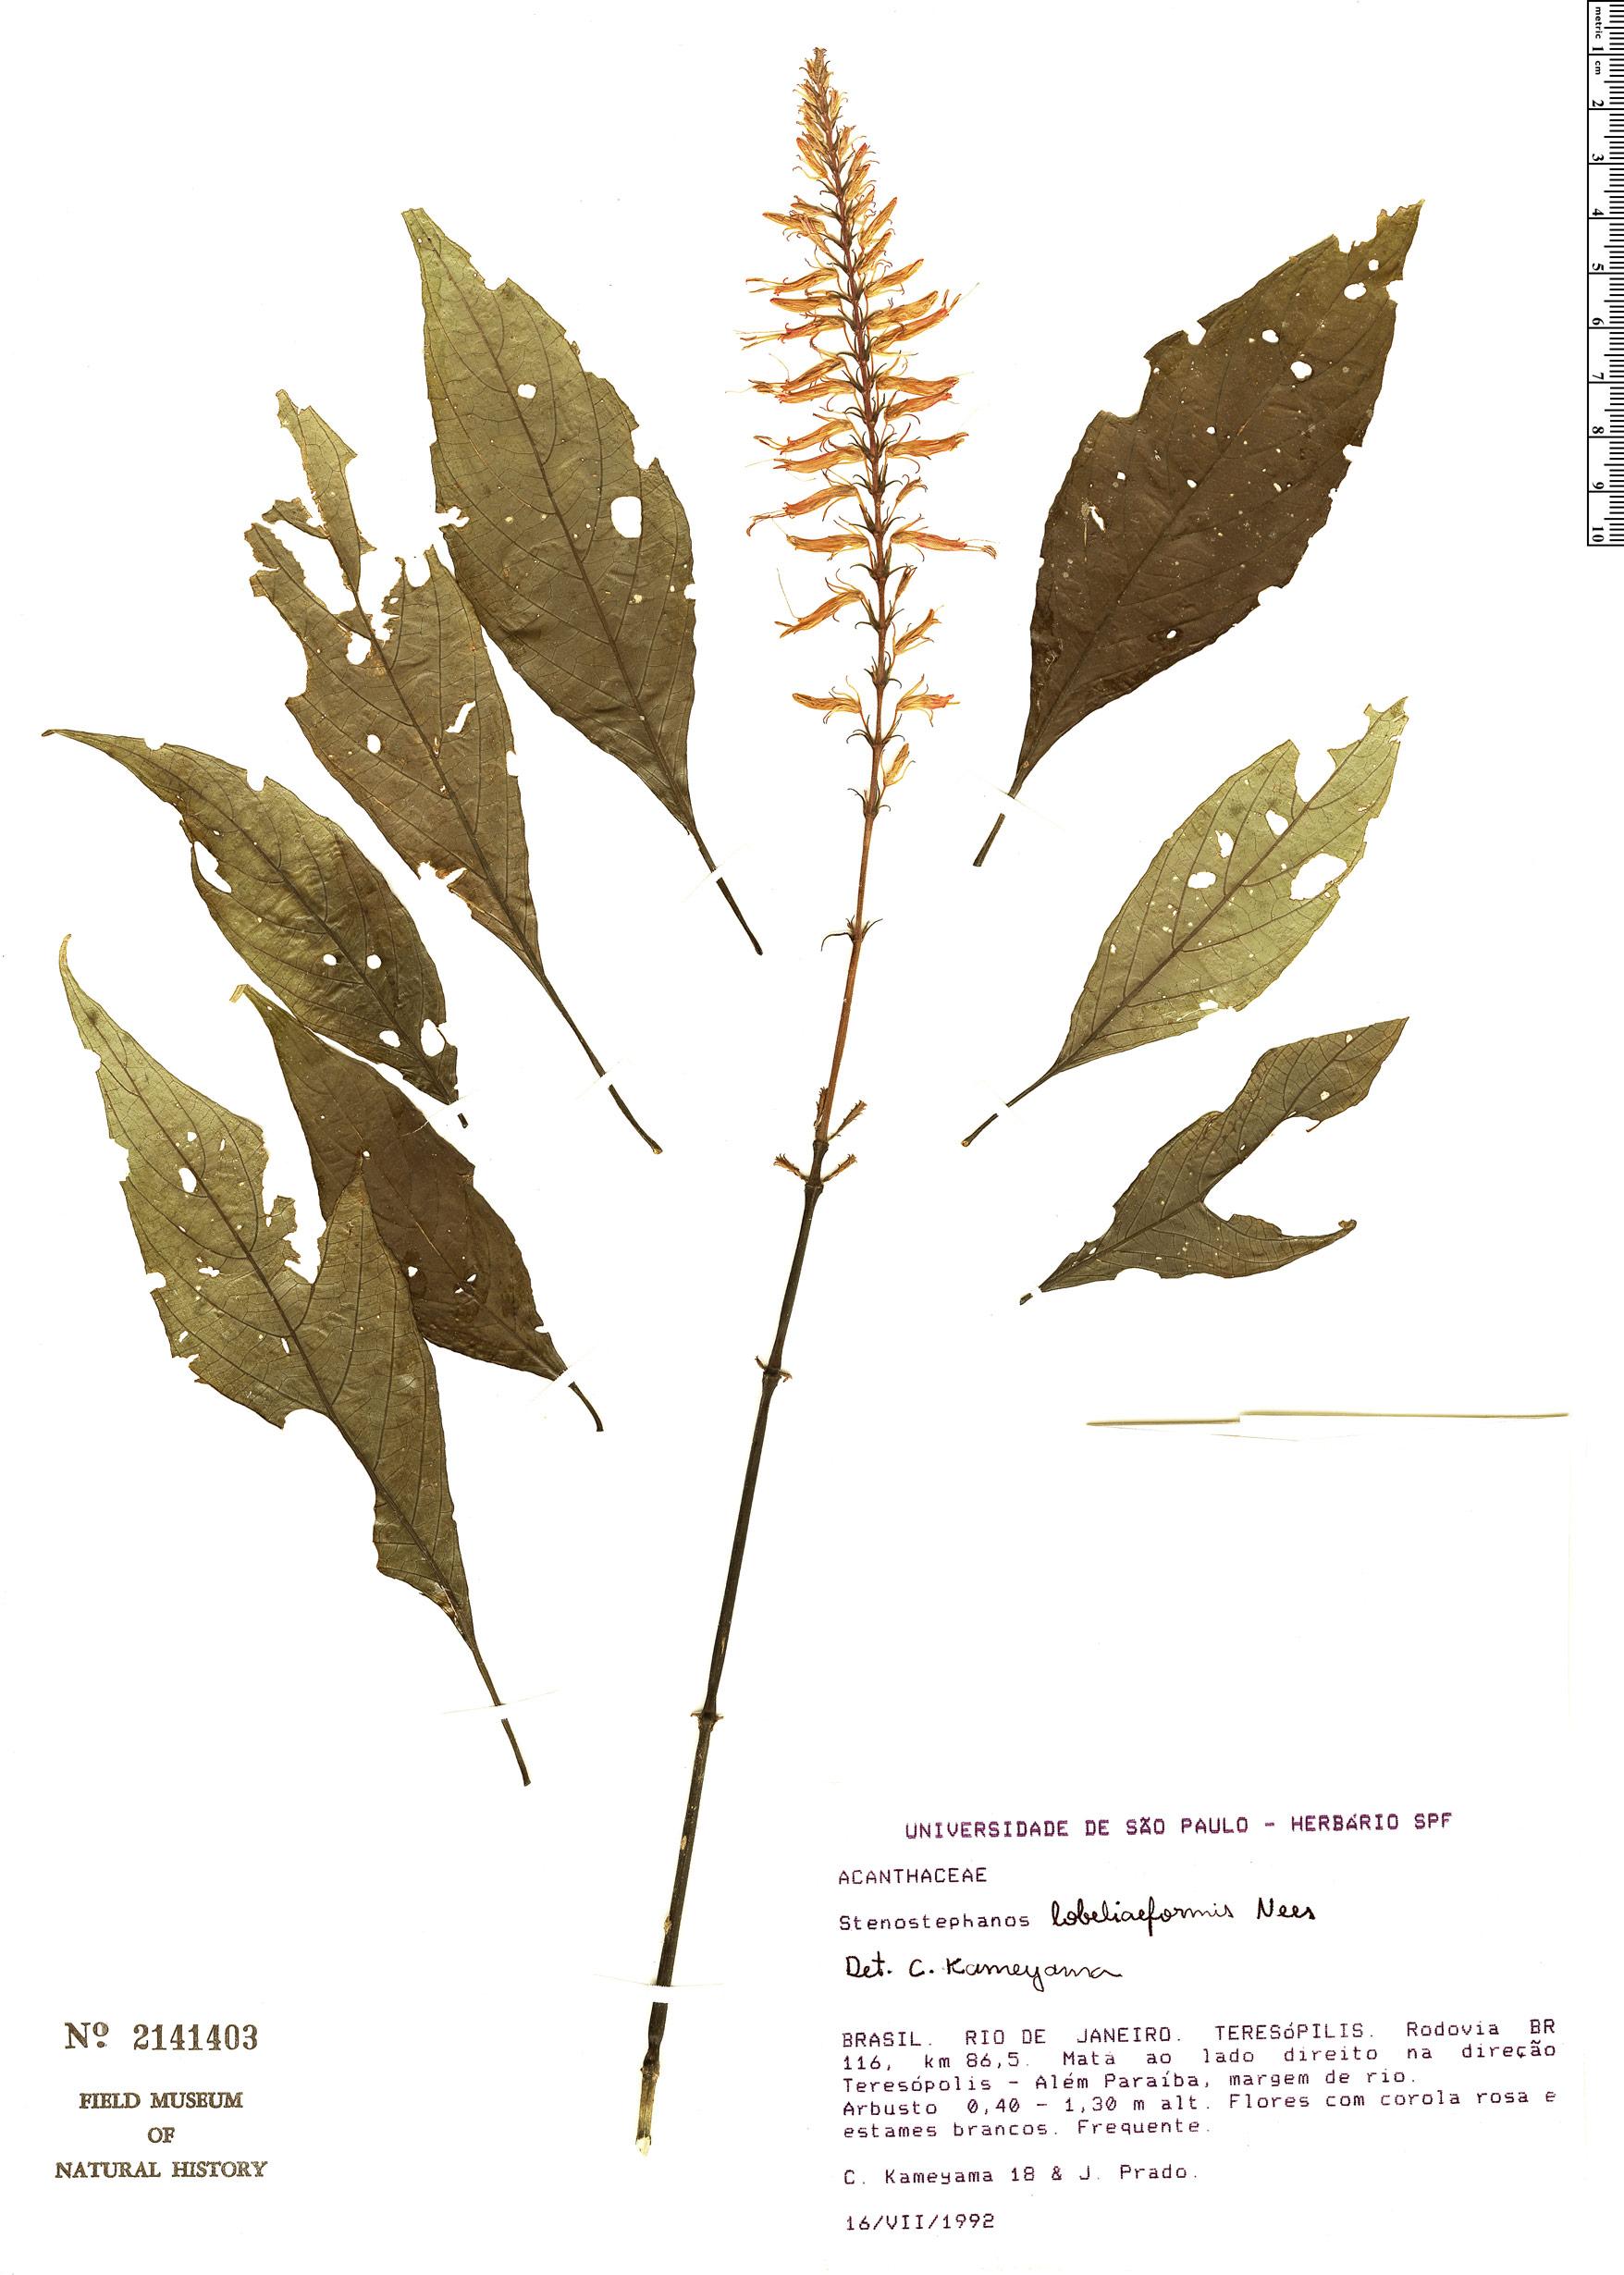 Specimen: Stenostephanus lobeliiformis